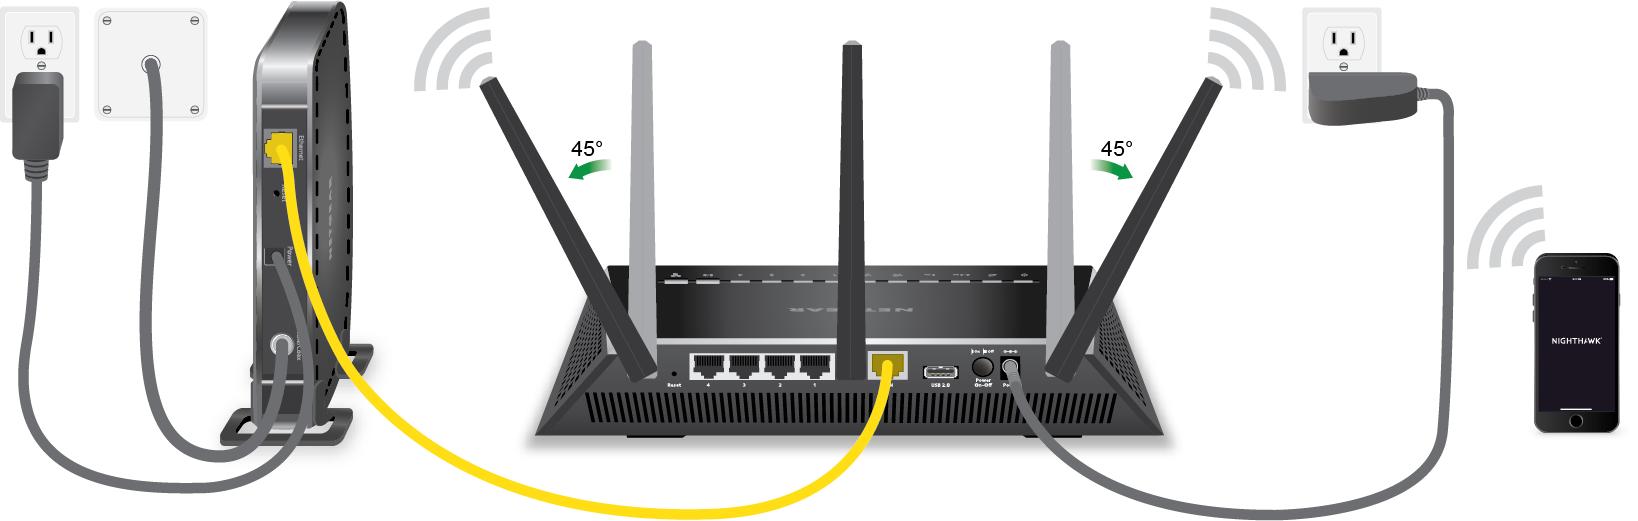 steps to Netgear Router setup